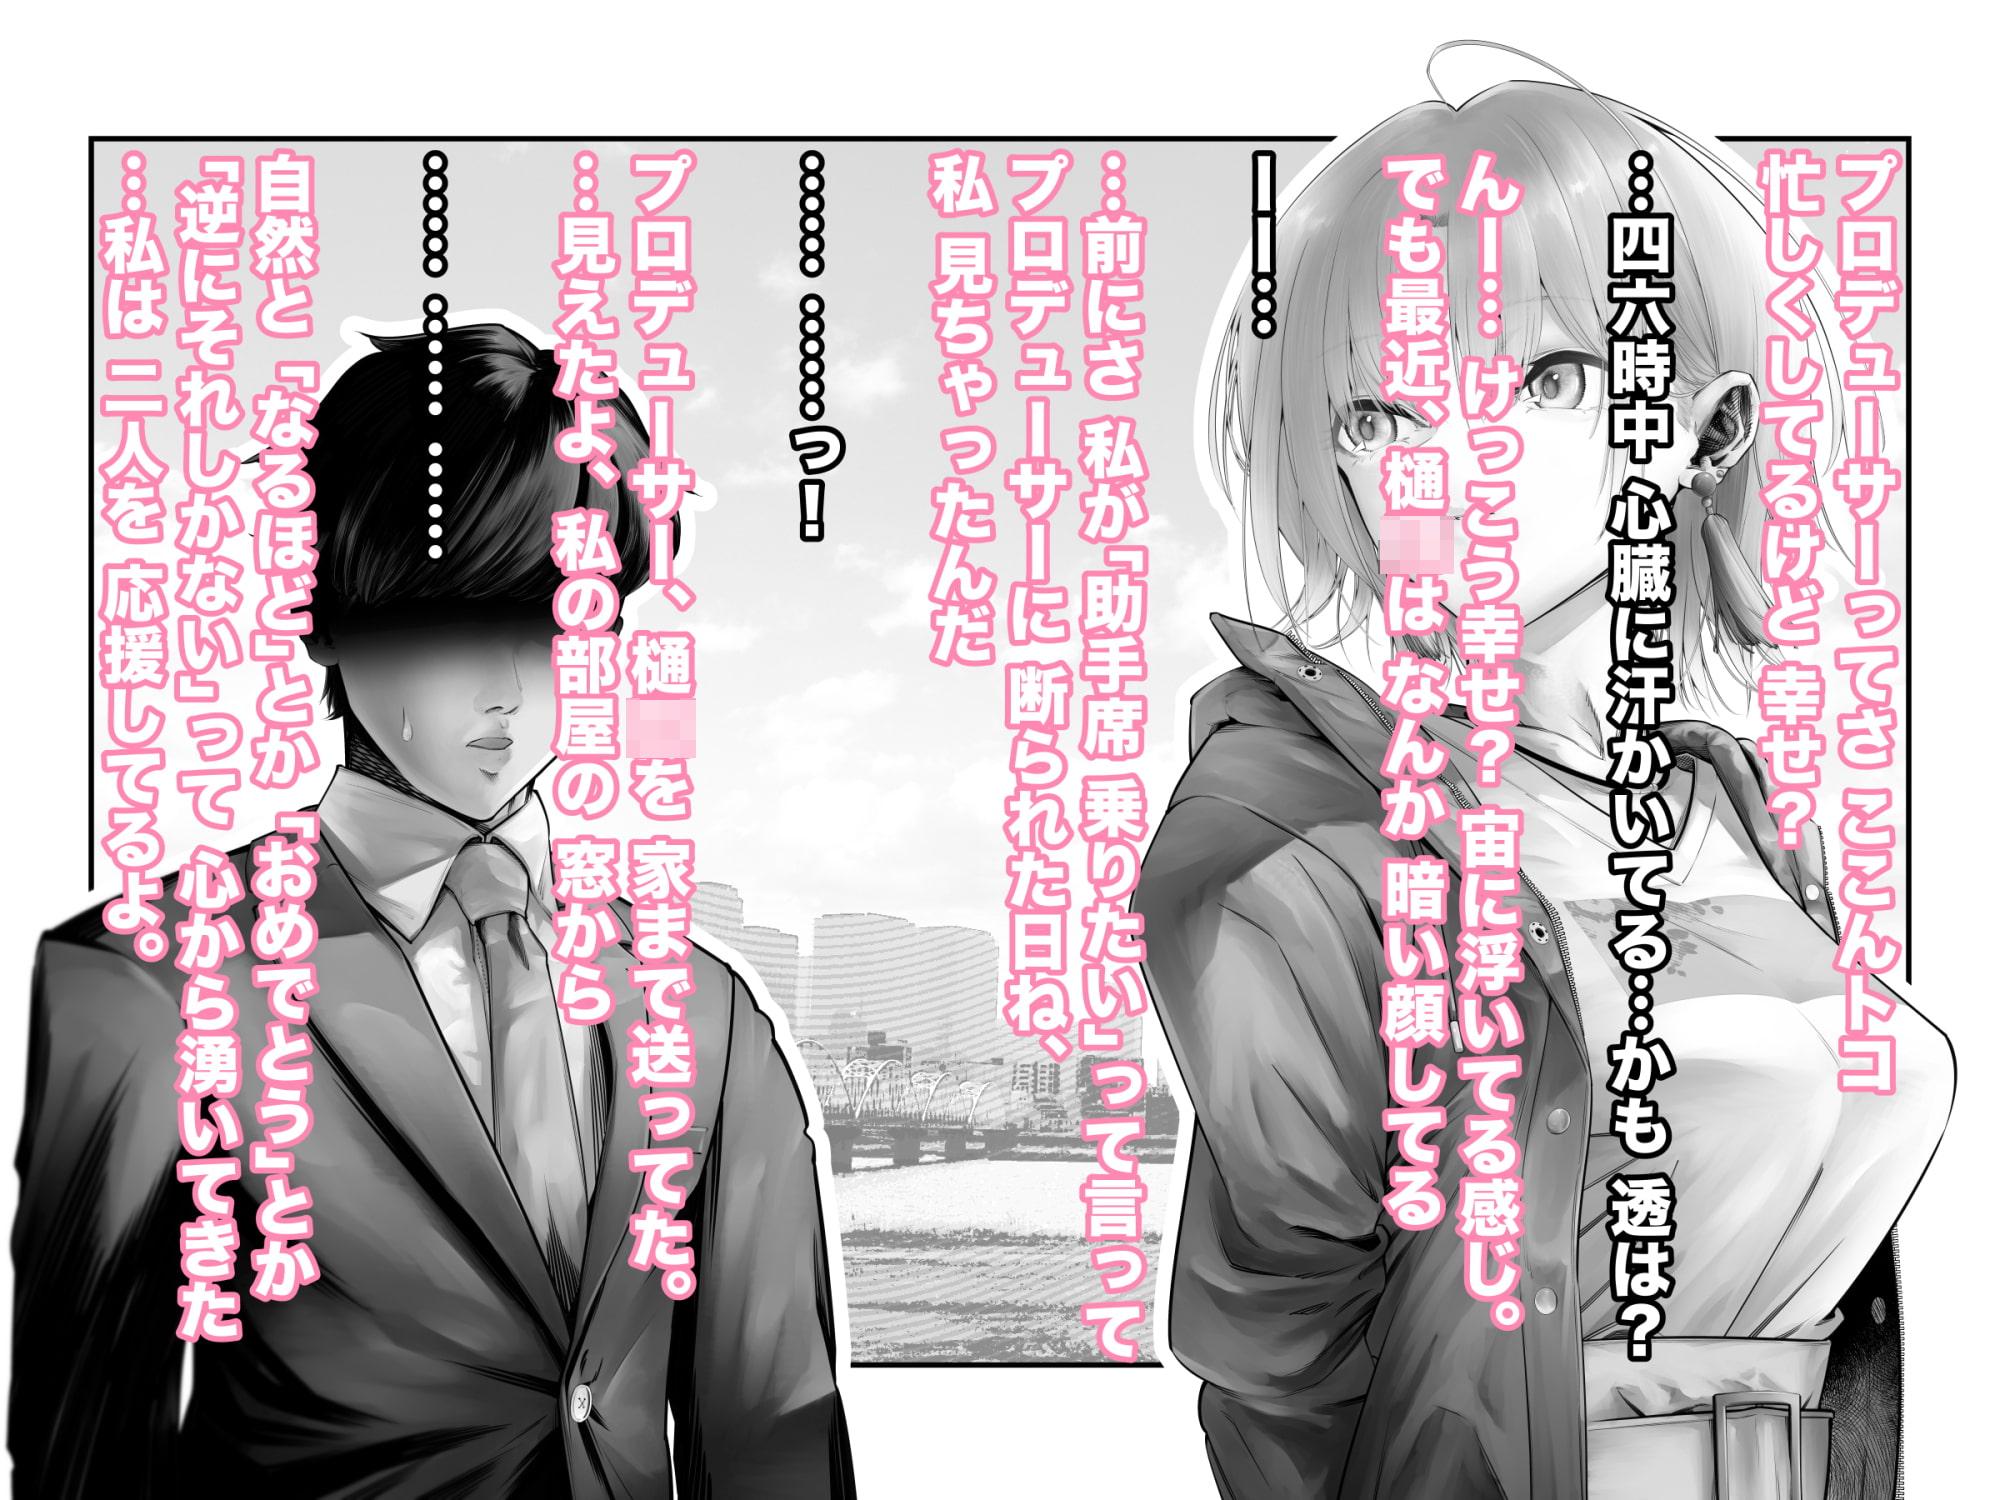 -浅▲透-身代わり強制メス媚び【同人エロ漫画】(つちくだマテリアル)2